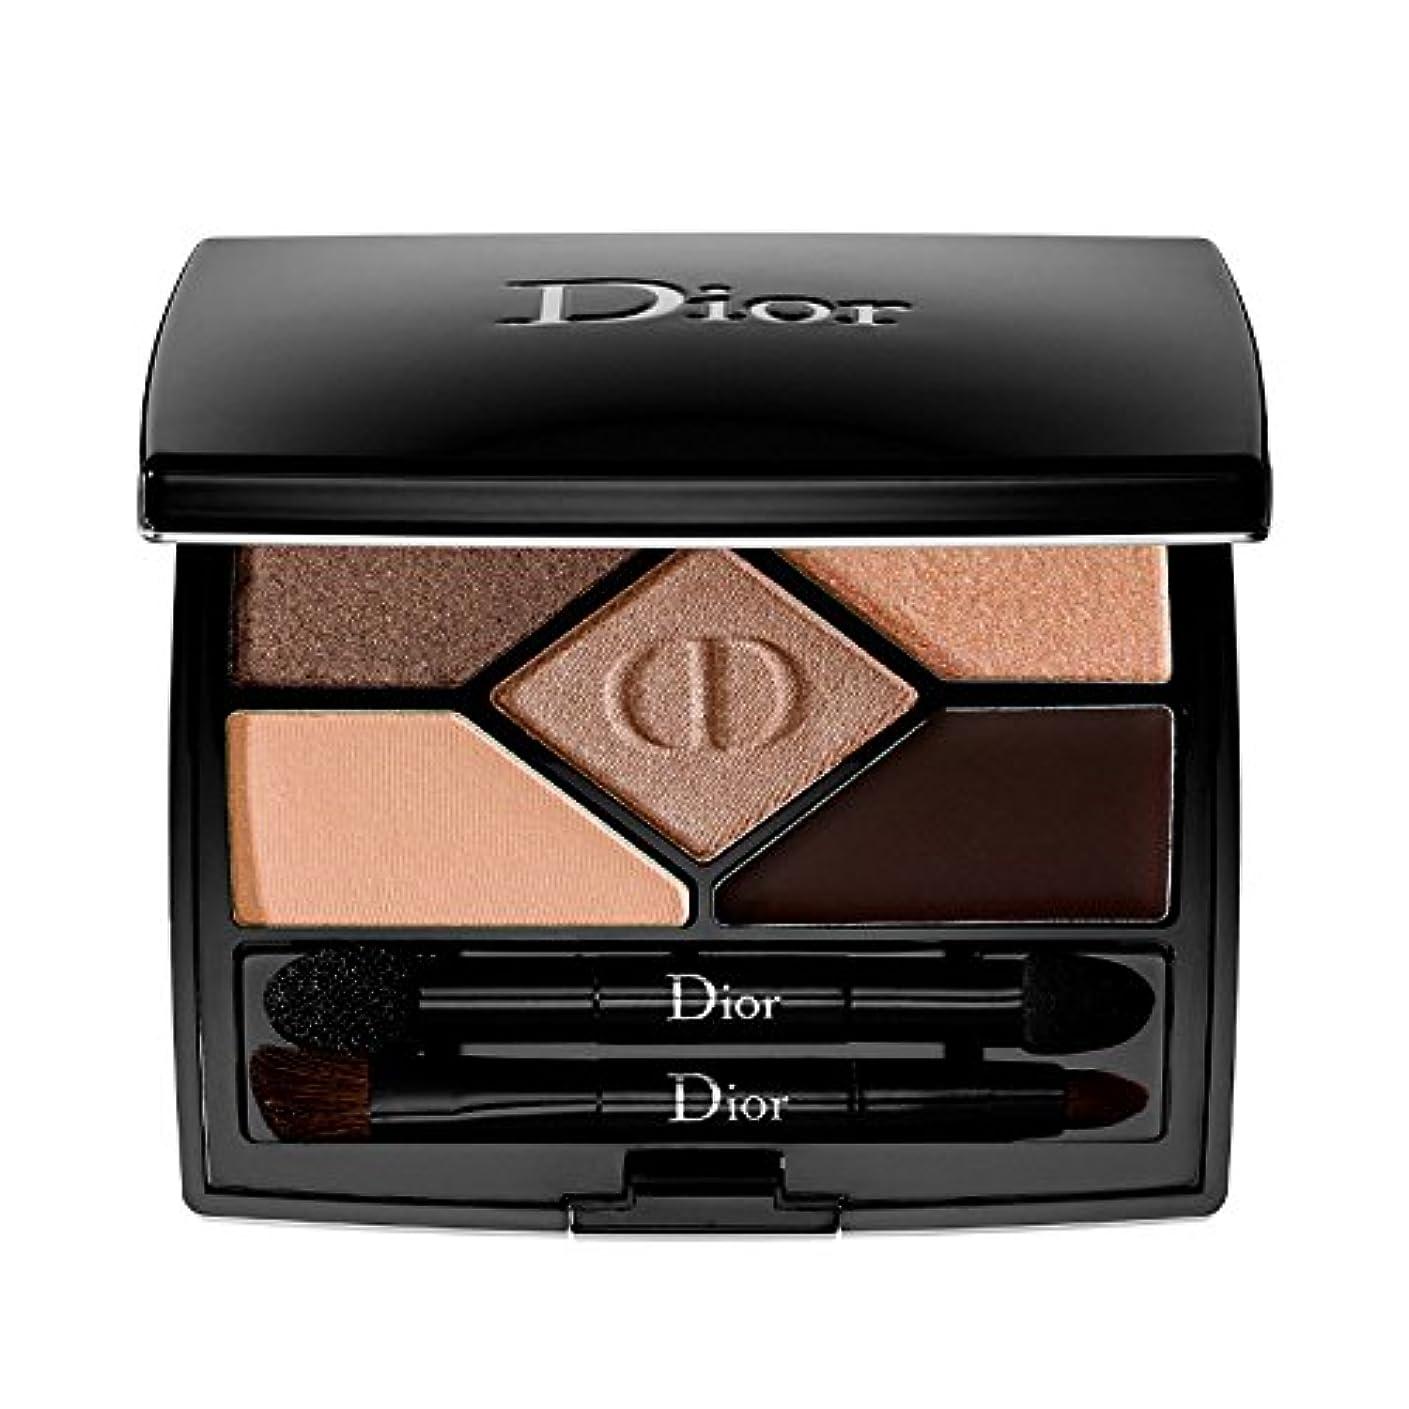 交通統計的フェザークリスチャン ディオール(Christian Dior) サンク クルール デザイナー #708 アンバー デザイン 5.7g[並行輸入品]